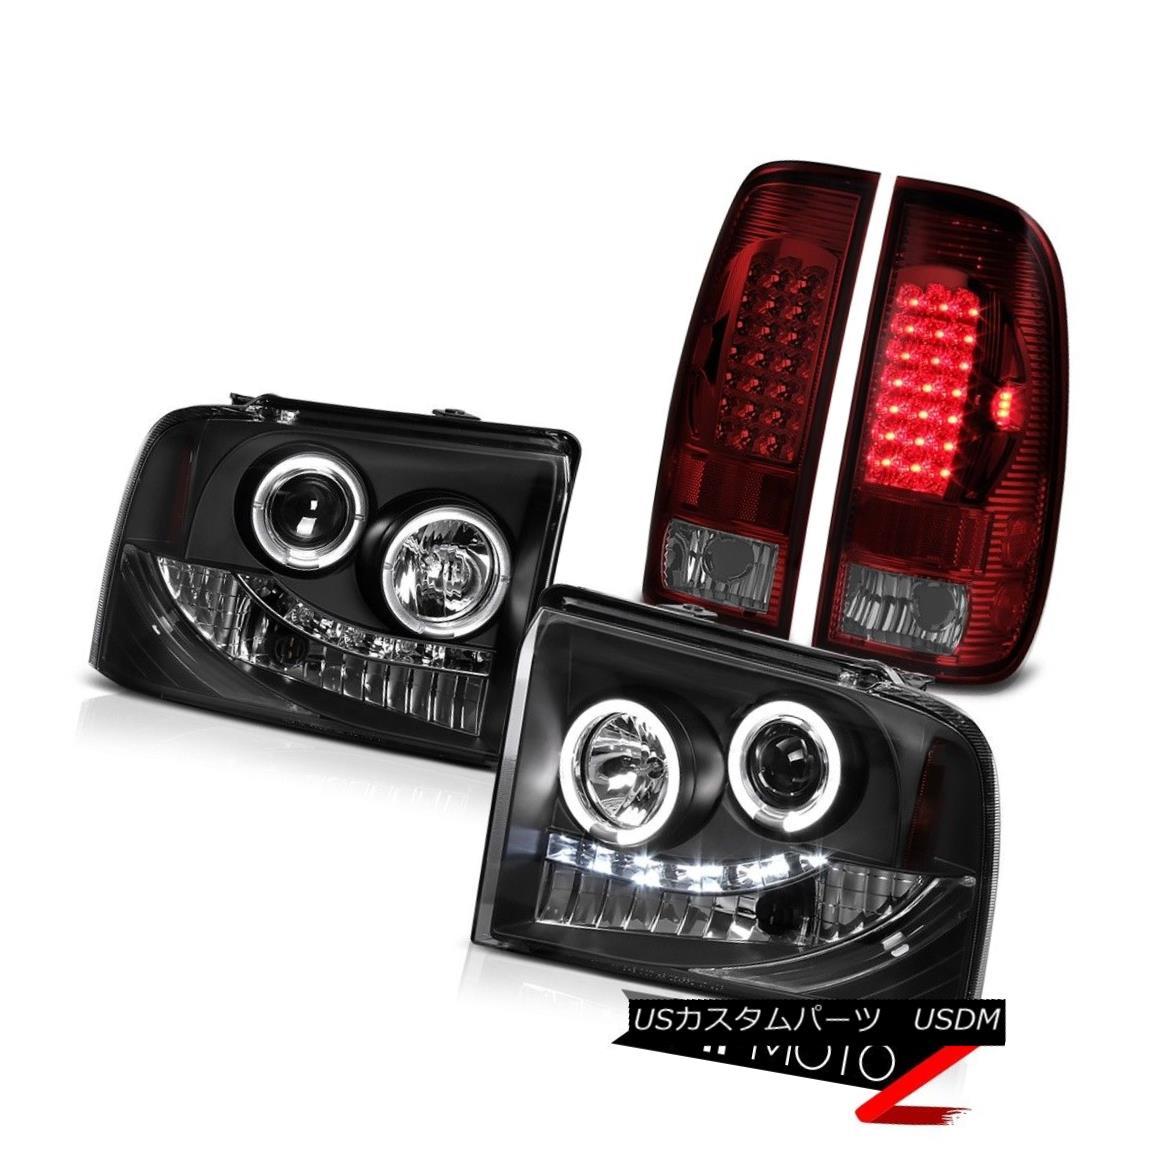 テールライト 2x Angel Eye Headlight LED Rear Brake Lamp Smokey Red Ford F350 V8 V10 XLT 05-07 2xエンジェルアイヘッドライトLEDリアブレーキランプスモーキーレッドフォードF350 V8 V10 XLT 05-07